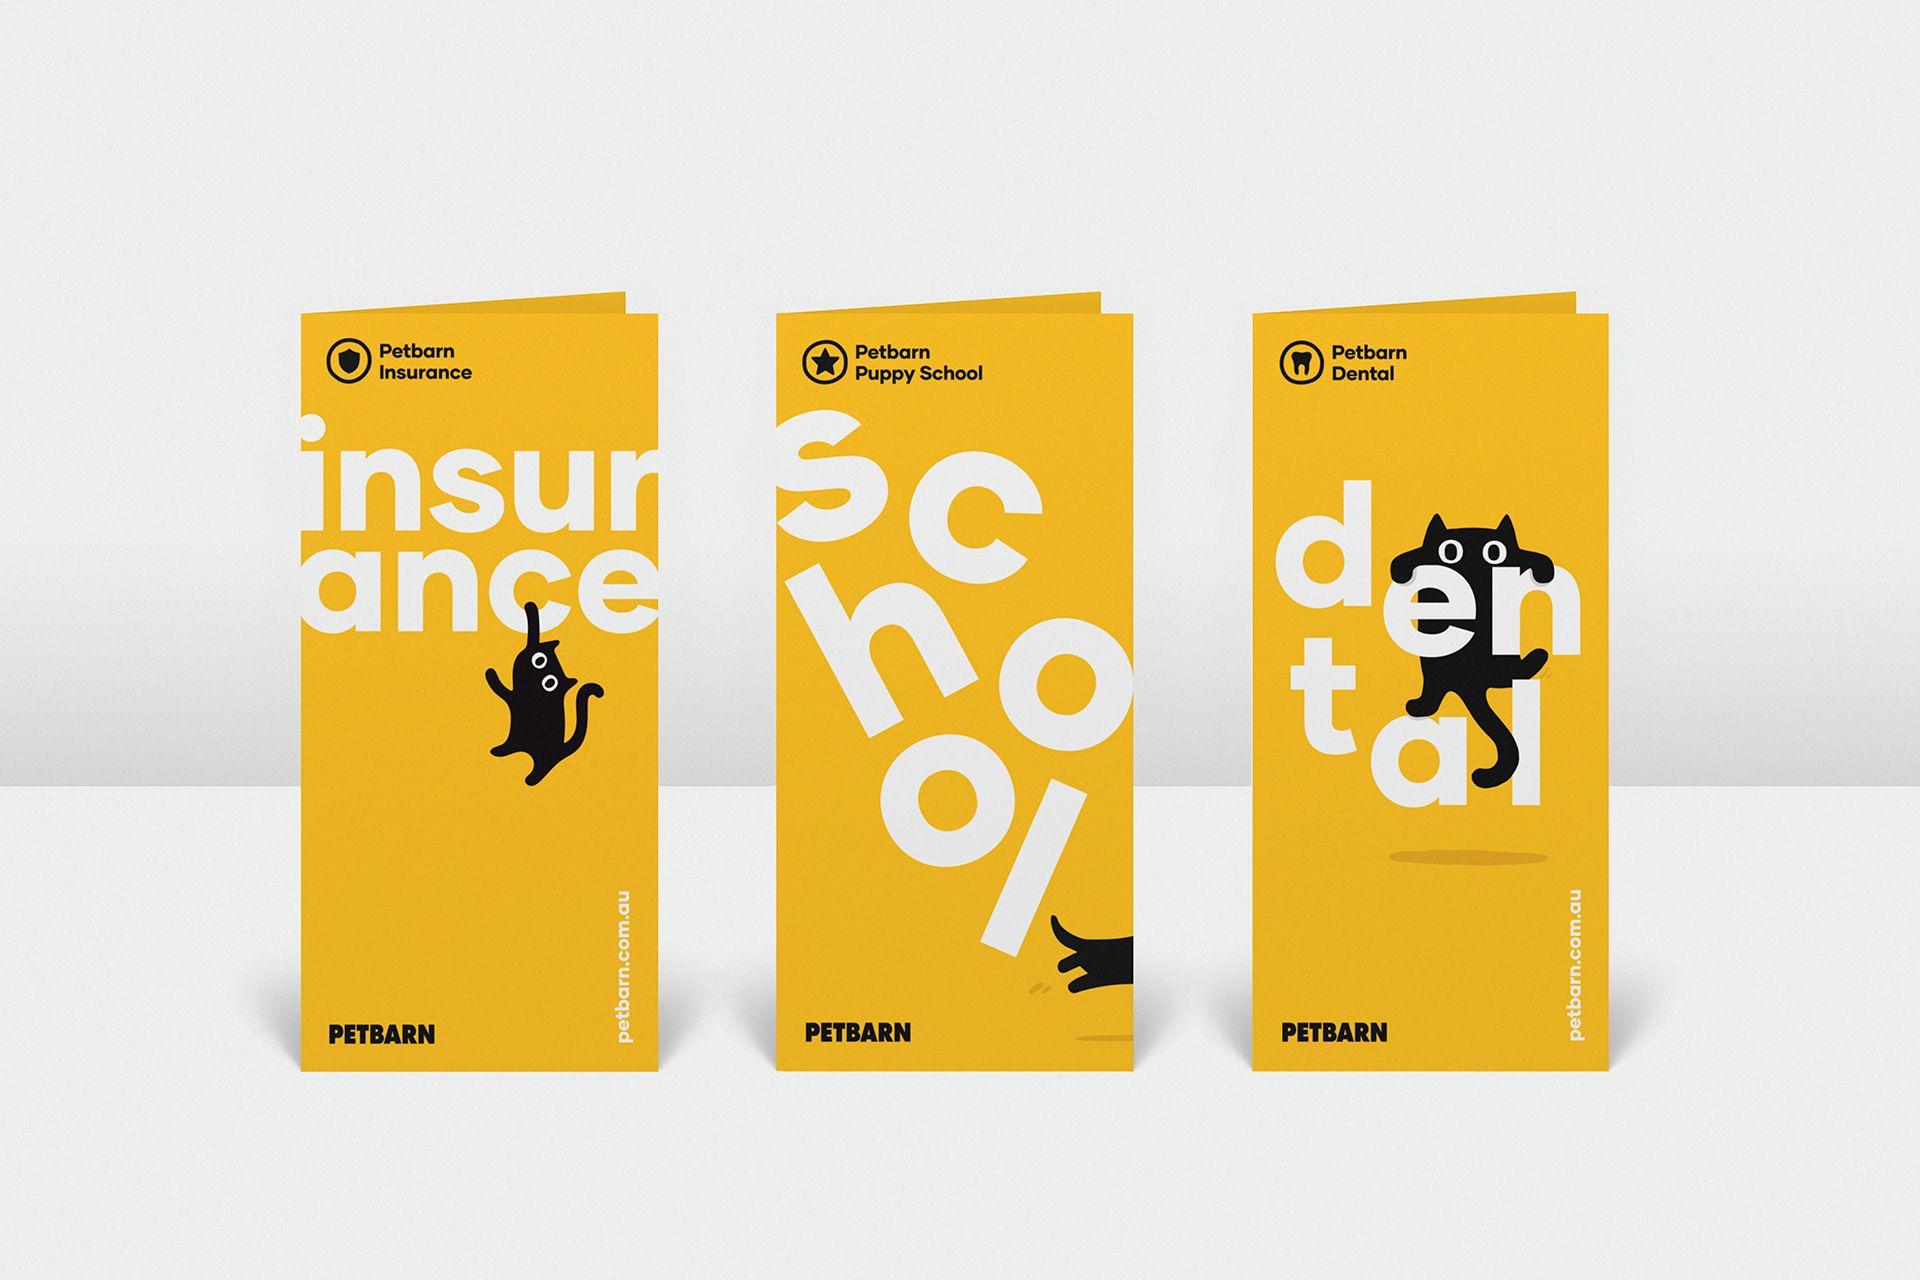 Petbarn V 2020 G Dizajn Dlya Firmennogo Stilya Vizualnyj Obraz Tovary Dlya Zhivotnyh